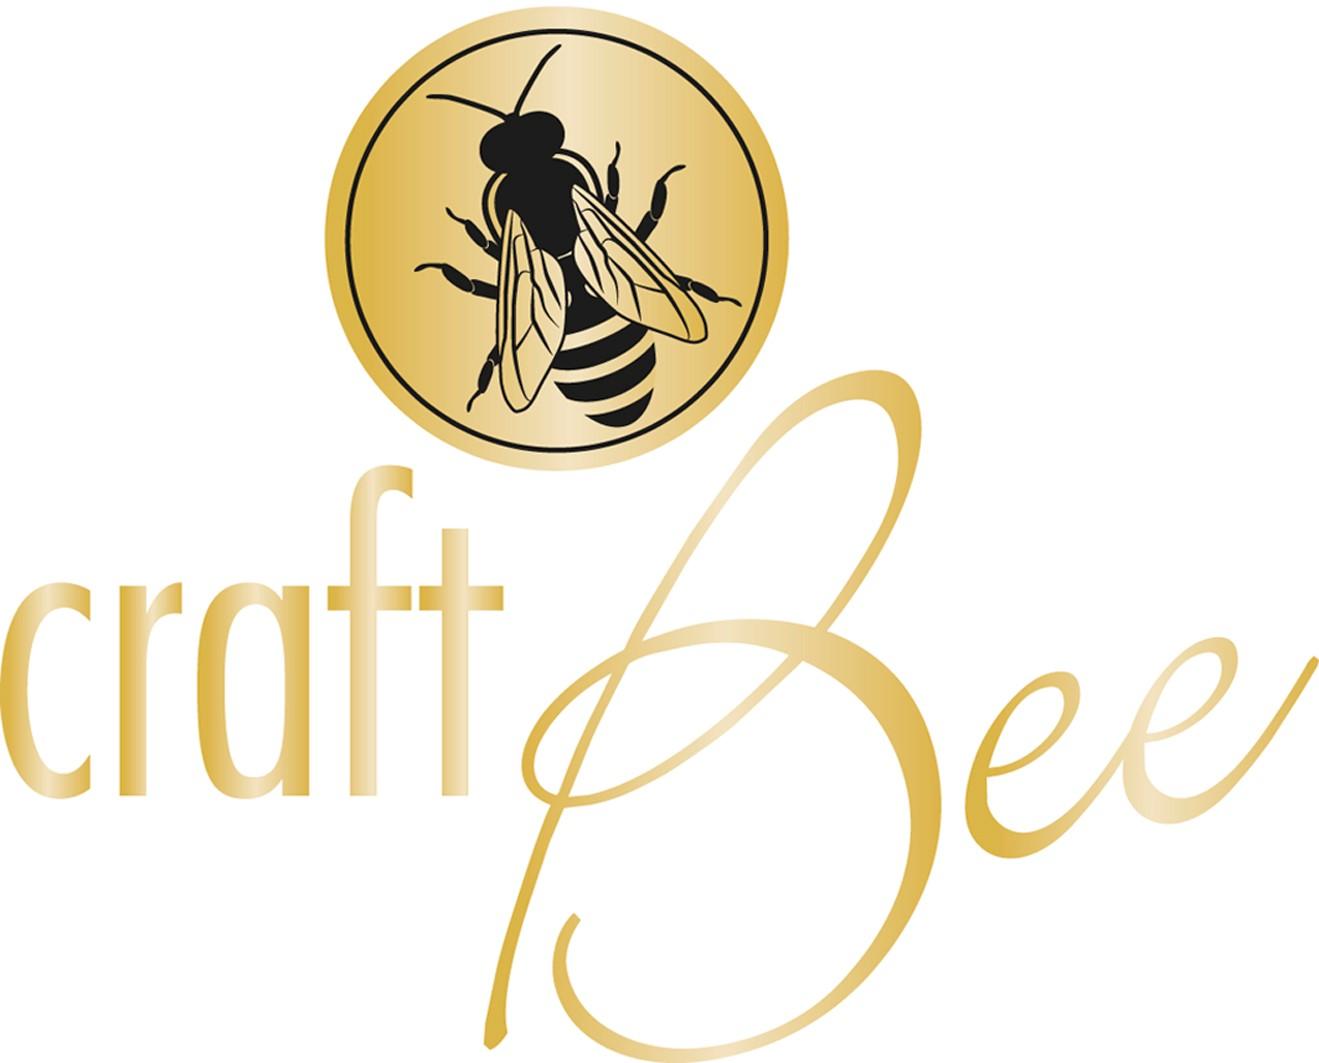 craftbee2